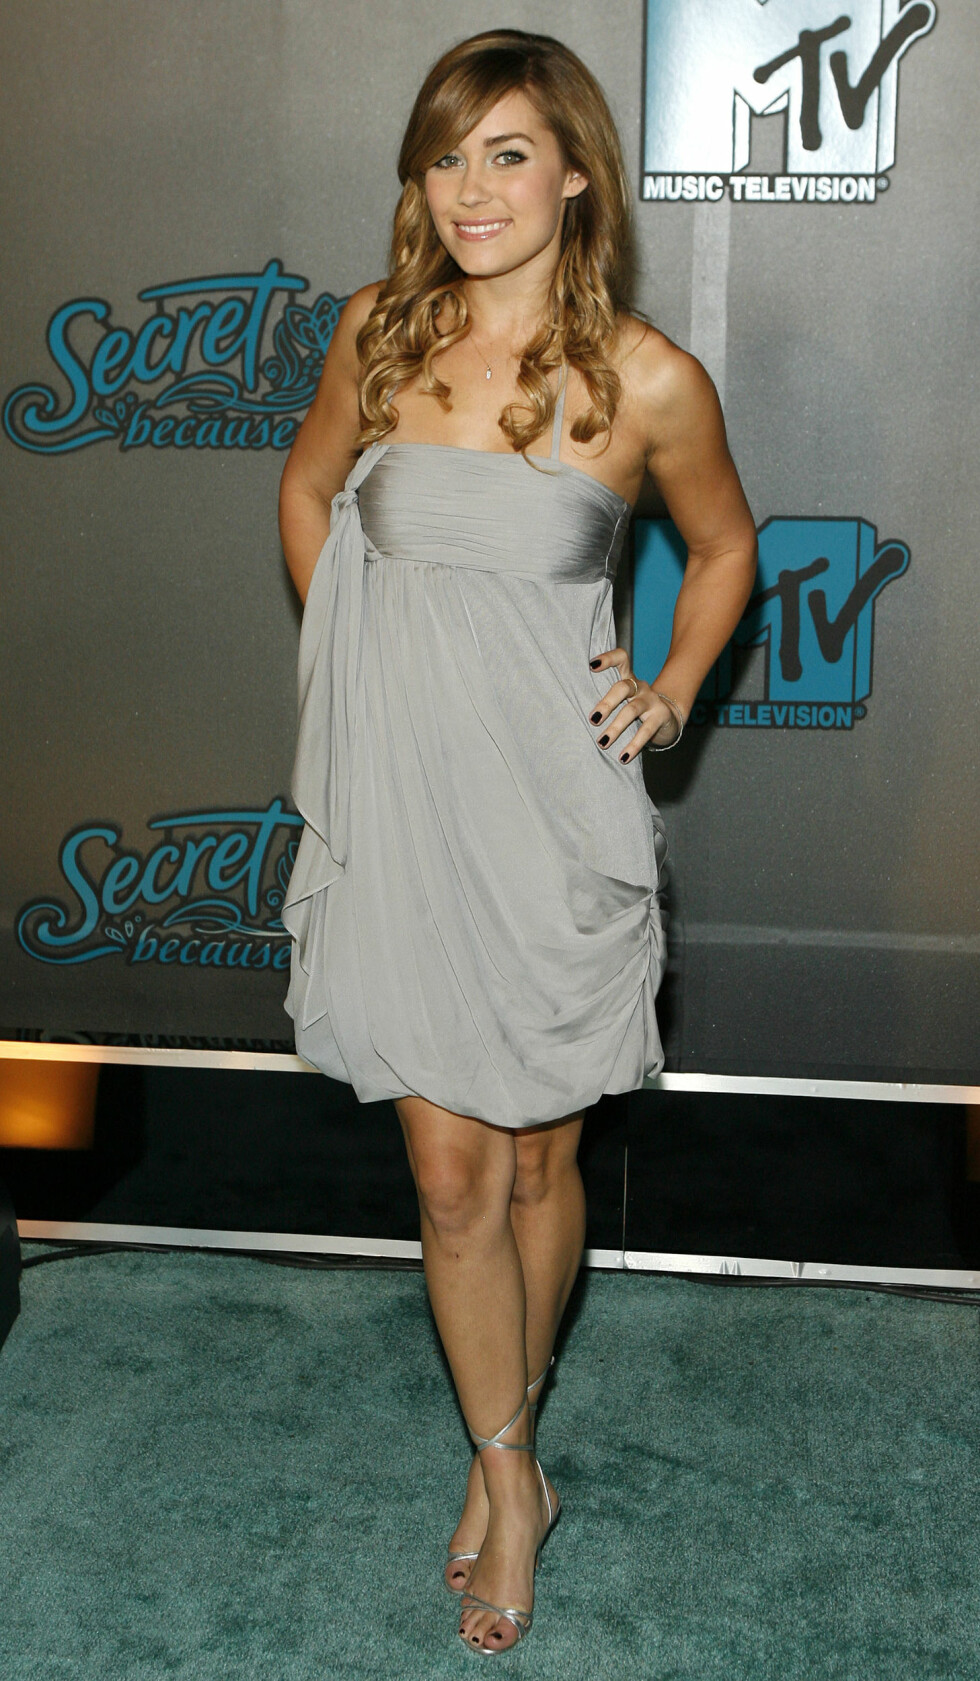 HOVEDPERSON: Lauren Conrad var én av de sentrale rollene i «The Hills». Her er hun avbildet i  2007.  Foto: AP